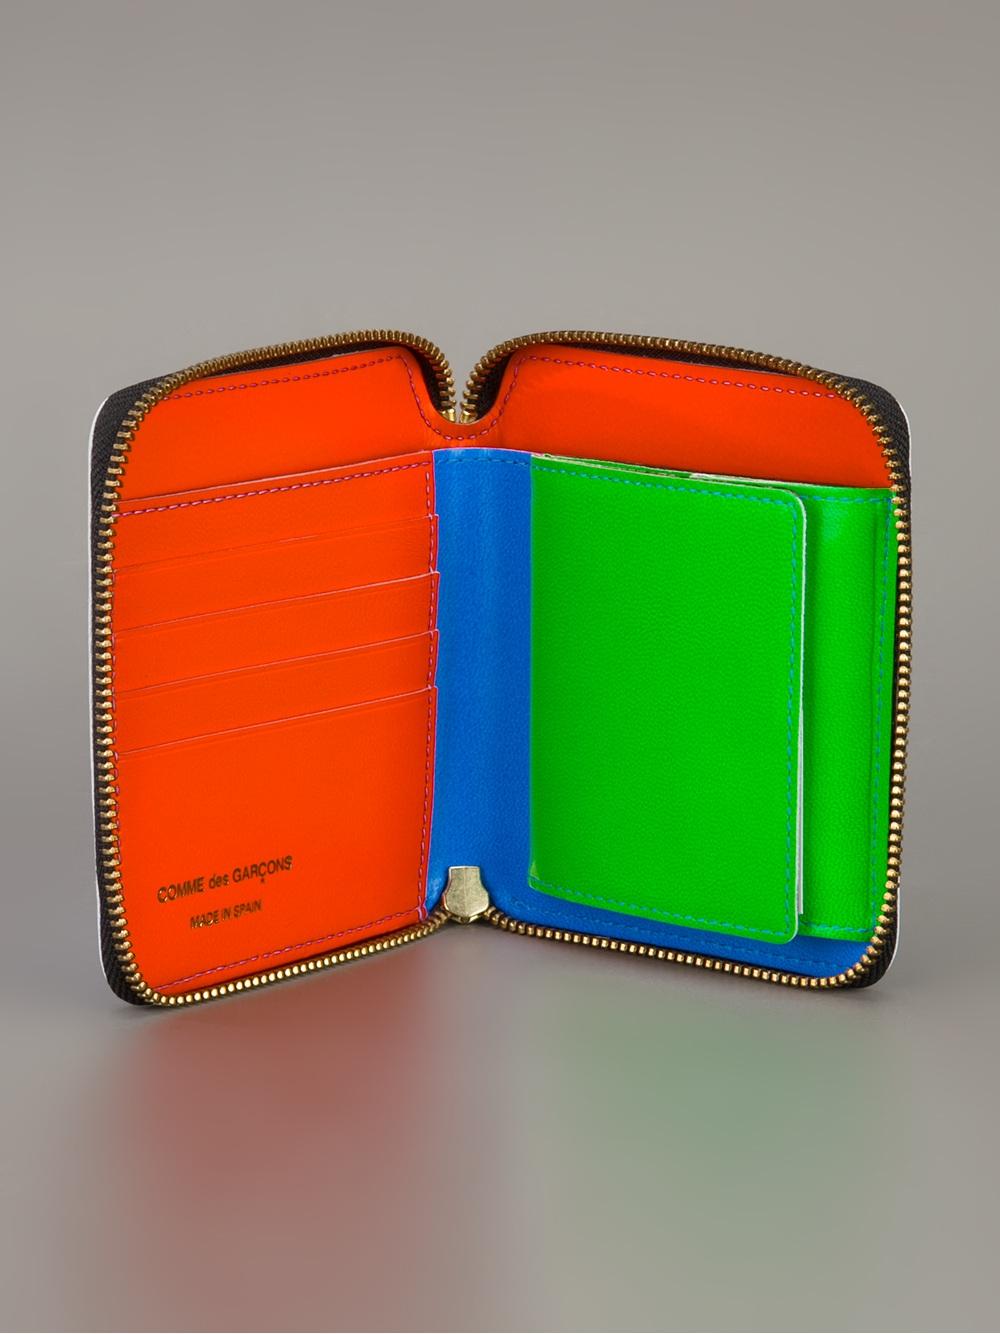 Commes Des Garcons Wallet | Commes Des Garcon Wallet | Comme Des Garcon Play Sale